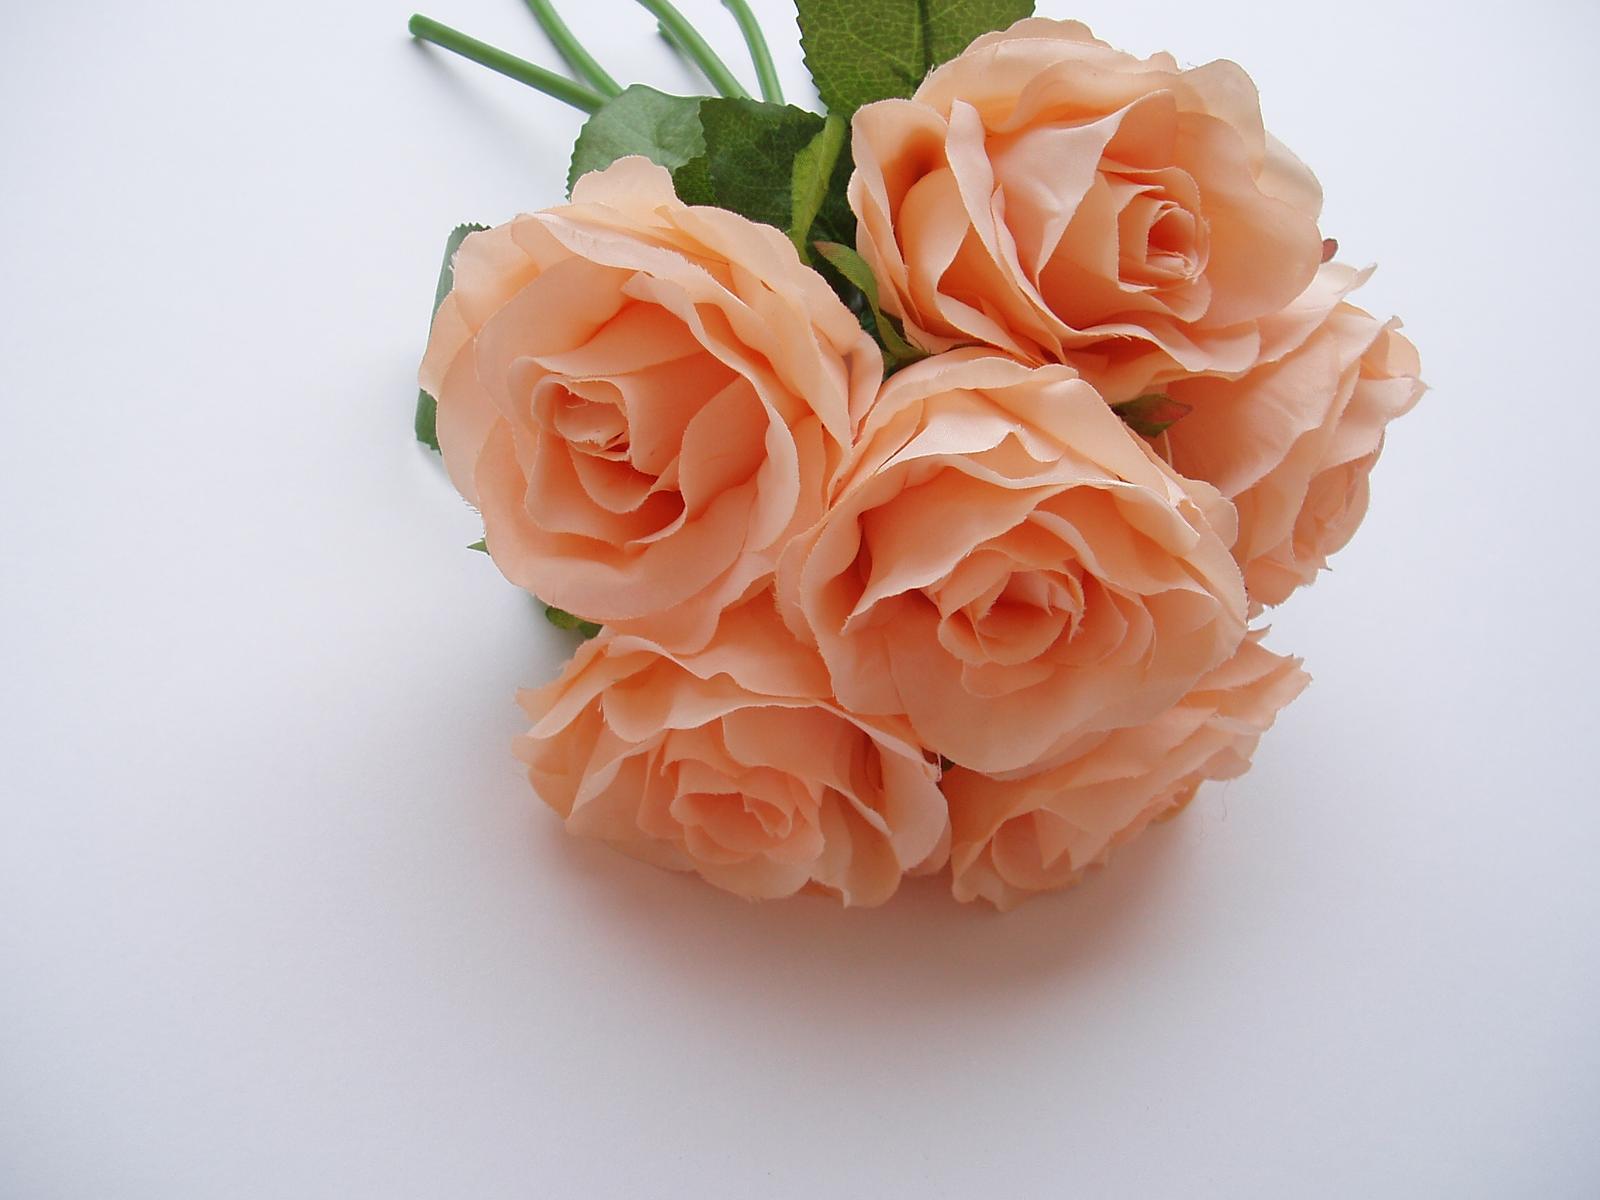 kytice růží-lososová - Obrázek č. 1